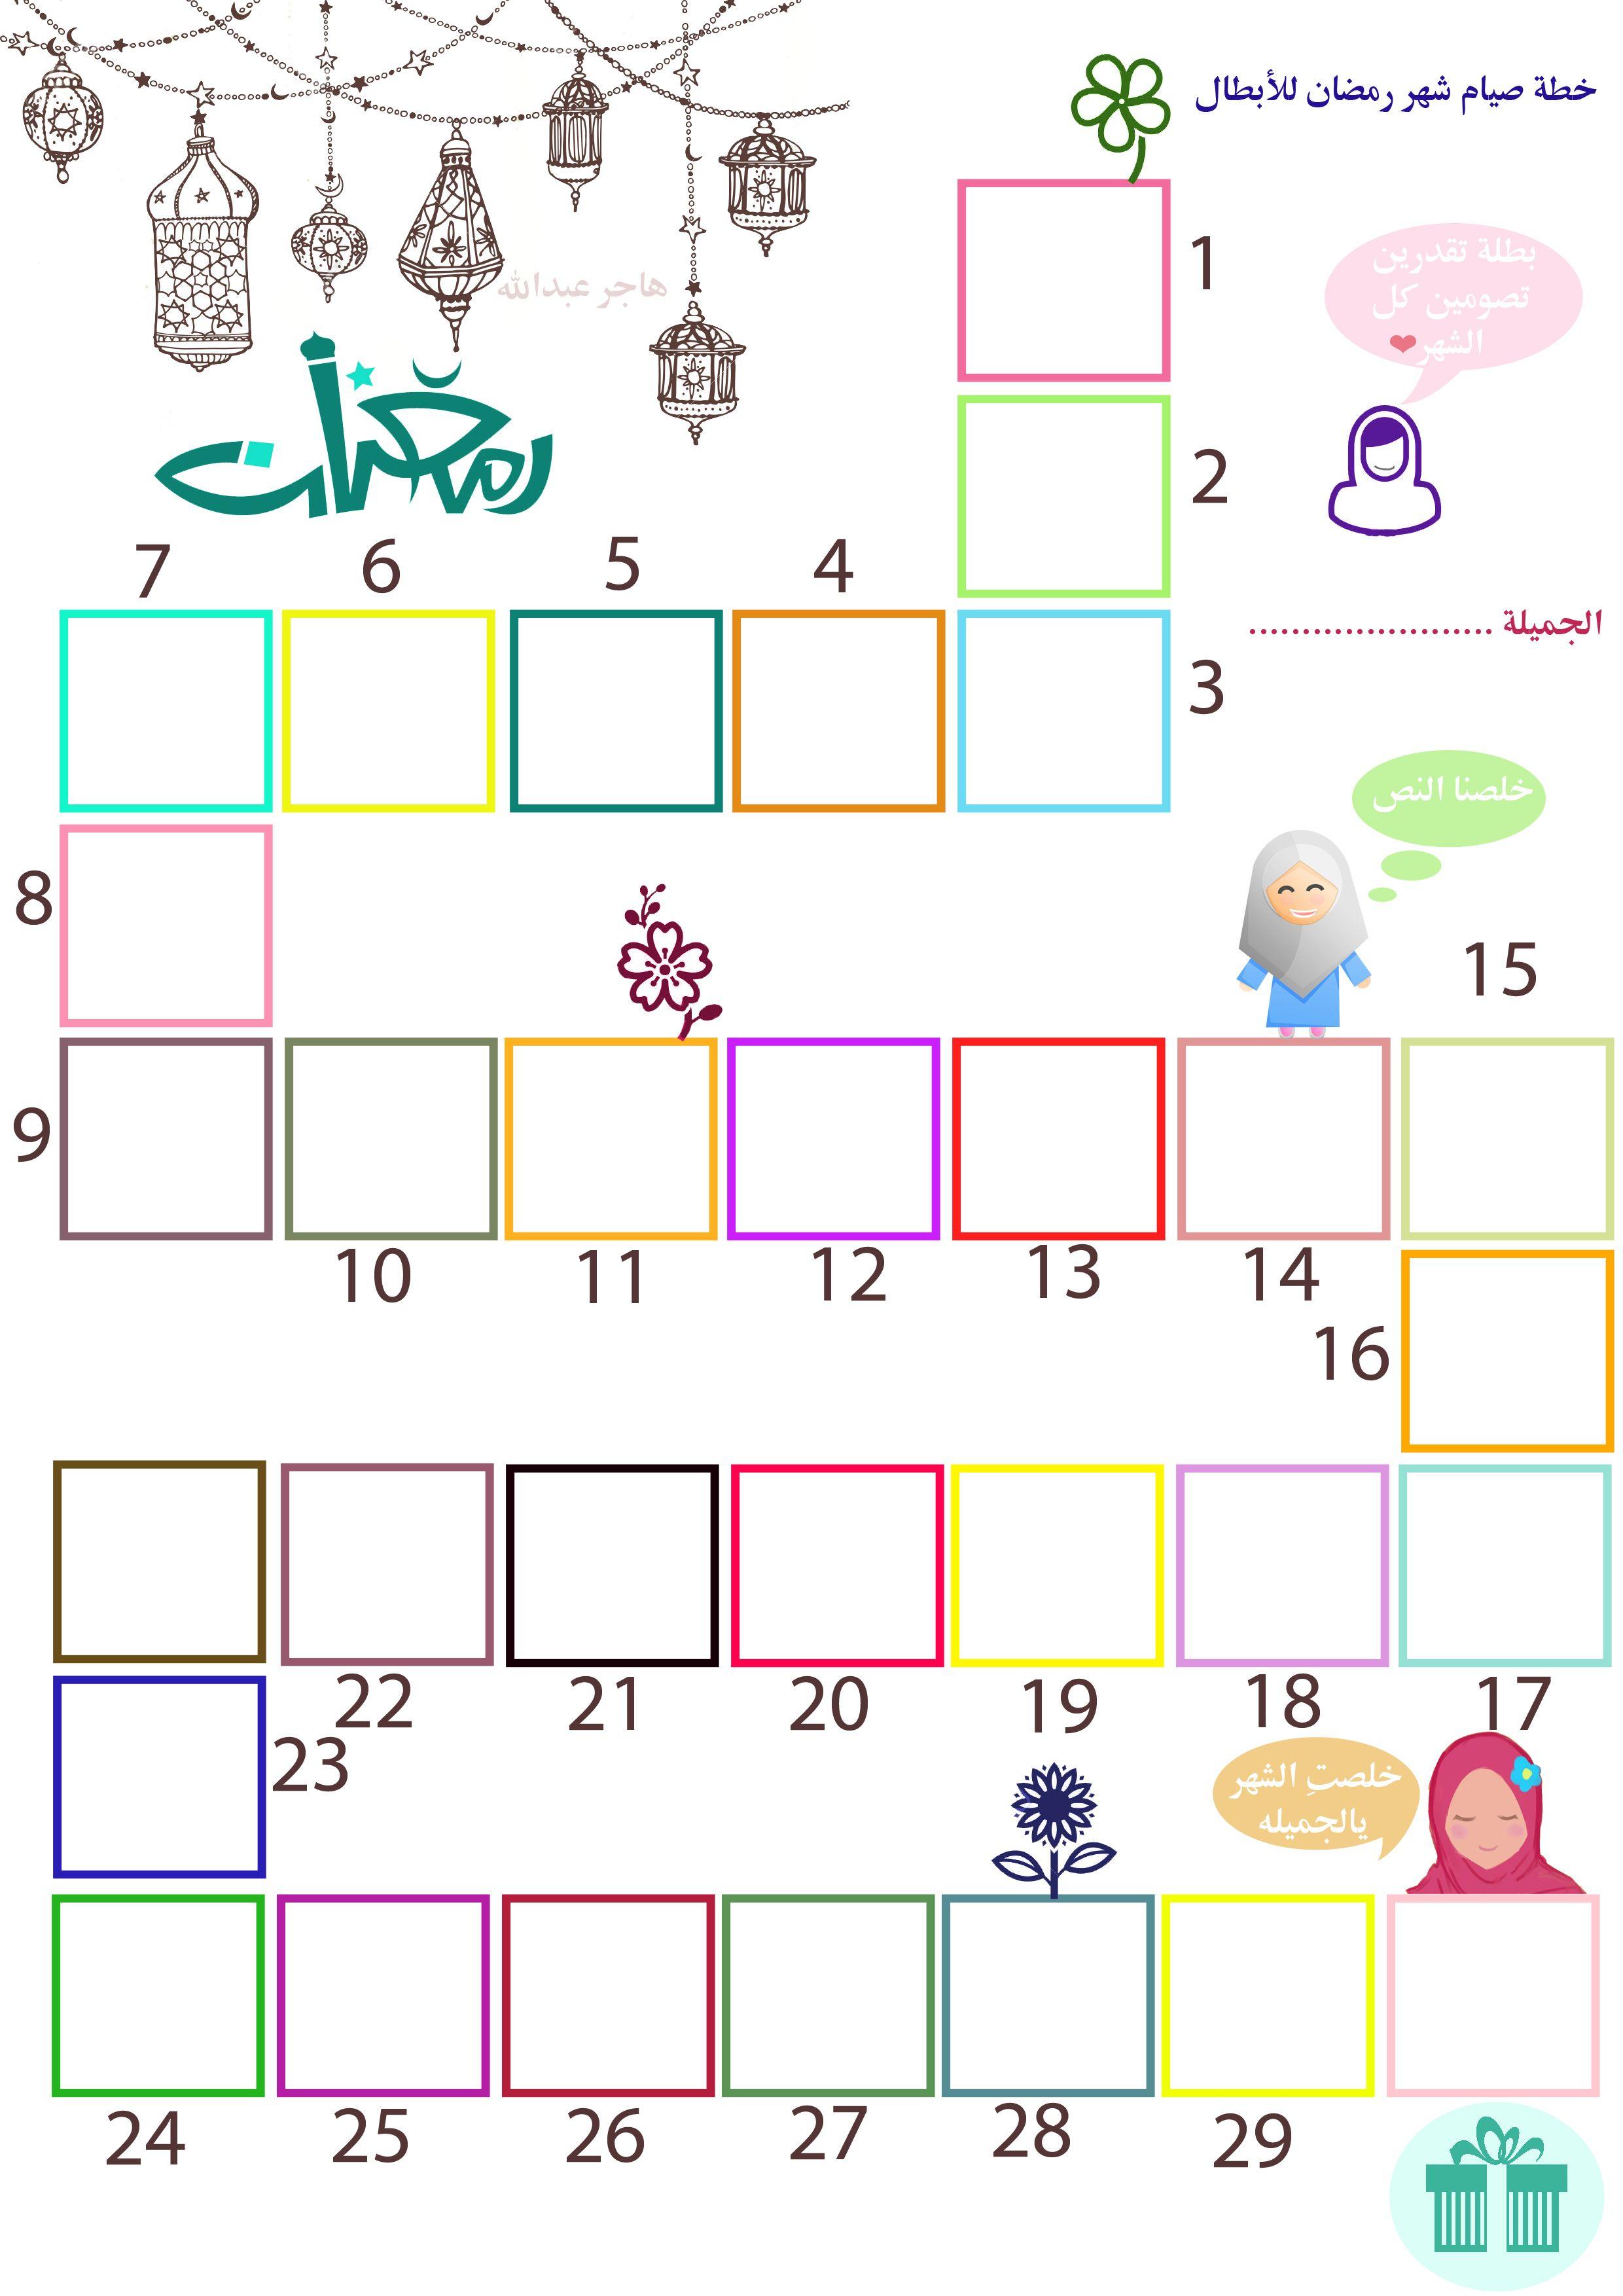 خطة تحفيزيه للاطفال لصيام شهر رمضان المبارك Ramadan Activities Ramadan Cards Ramadan Crafts